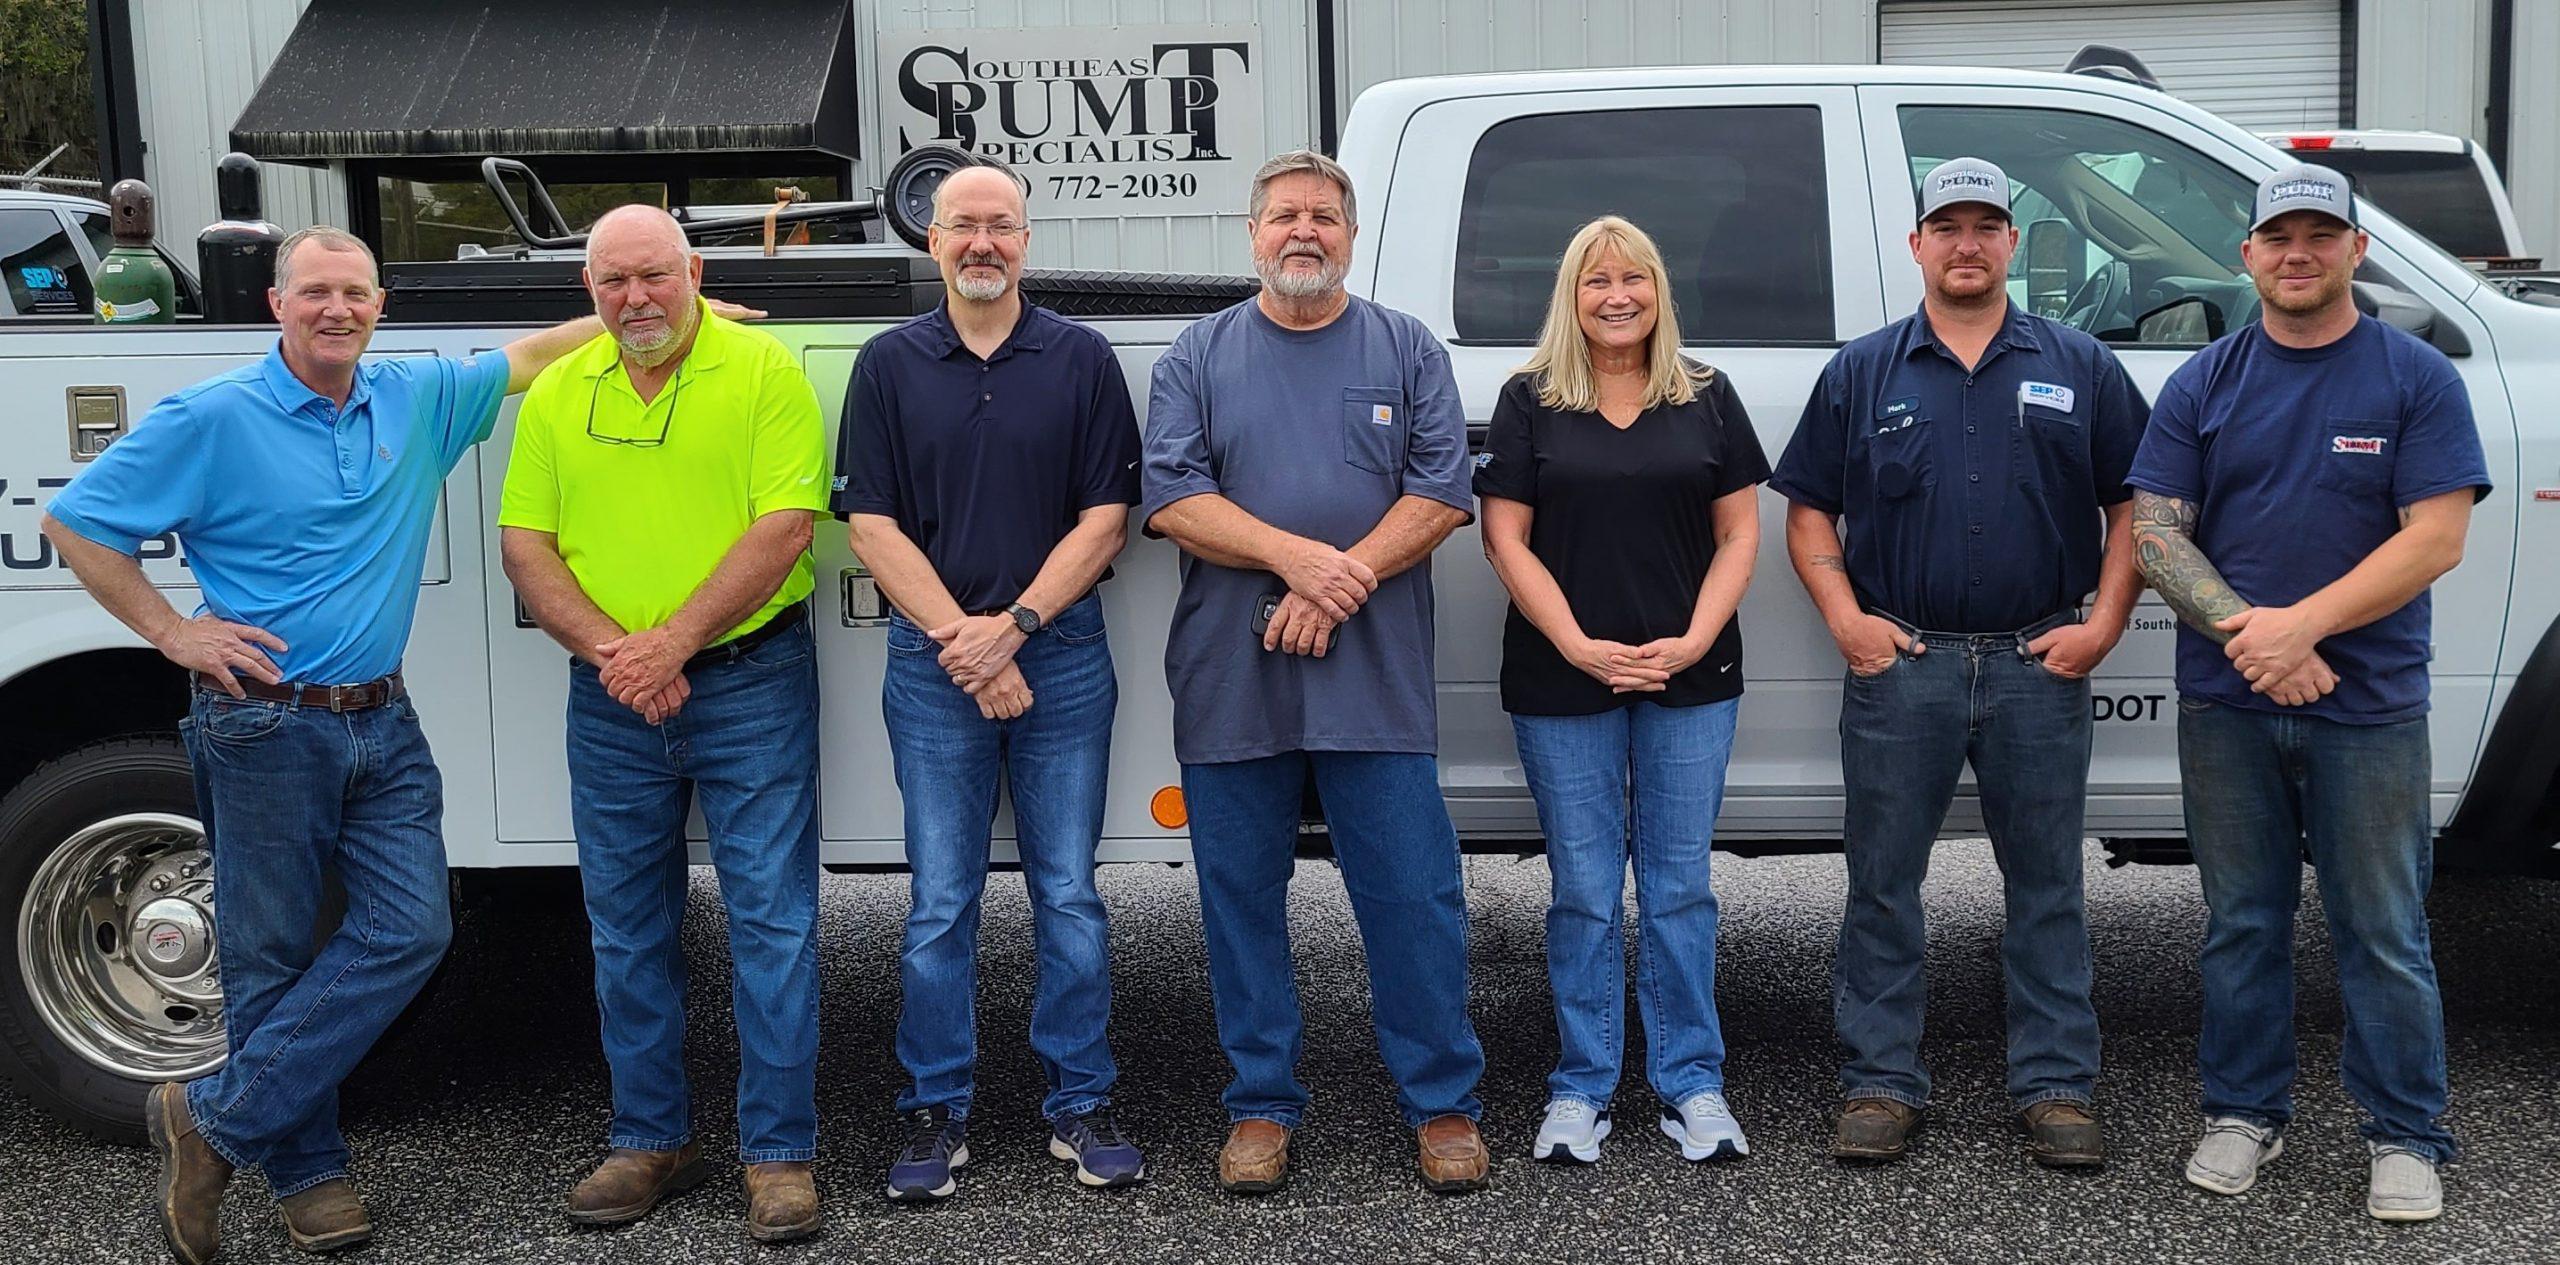 Southeast Pump Brunswick Employees